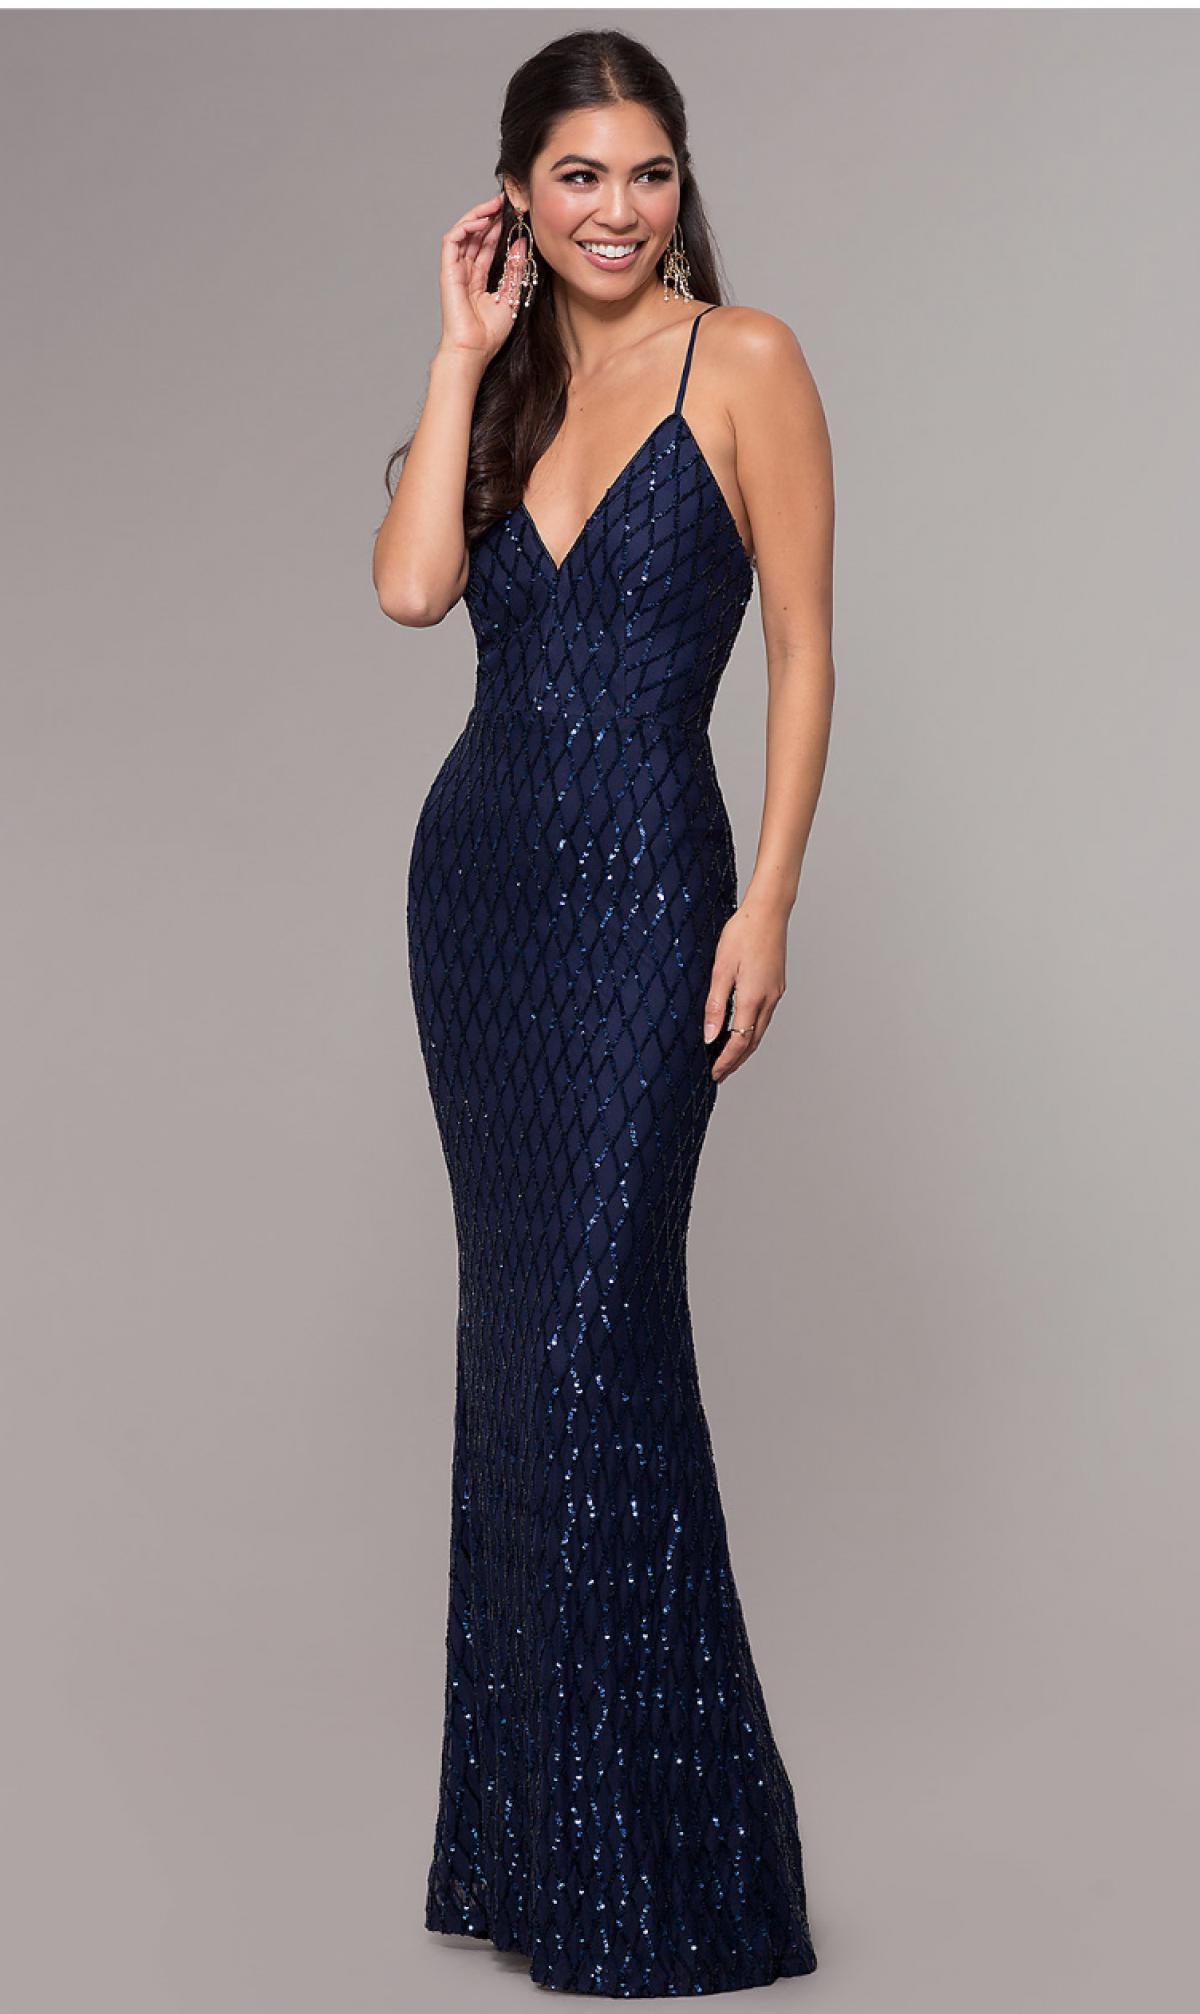 Navy Blue Prom Girl Dress